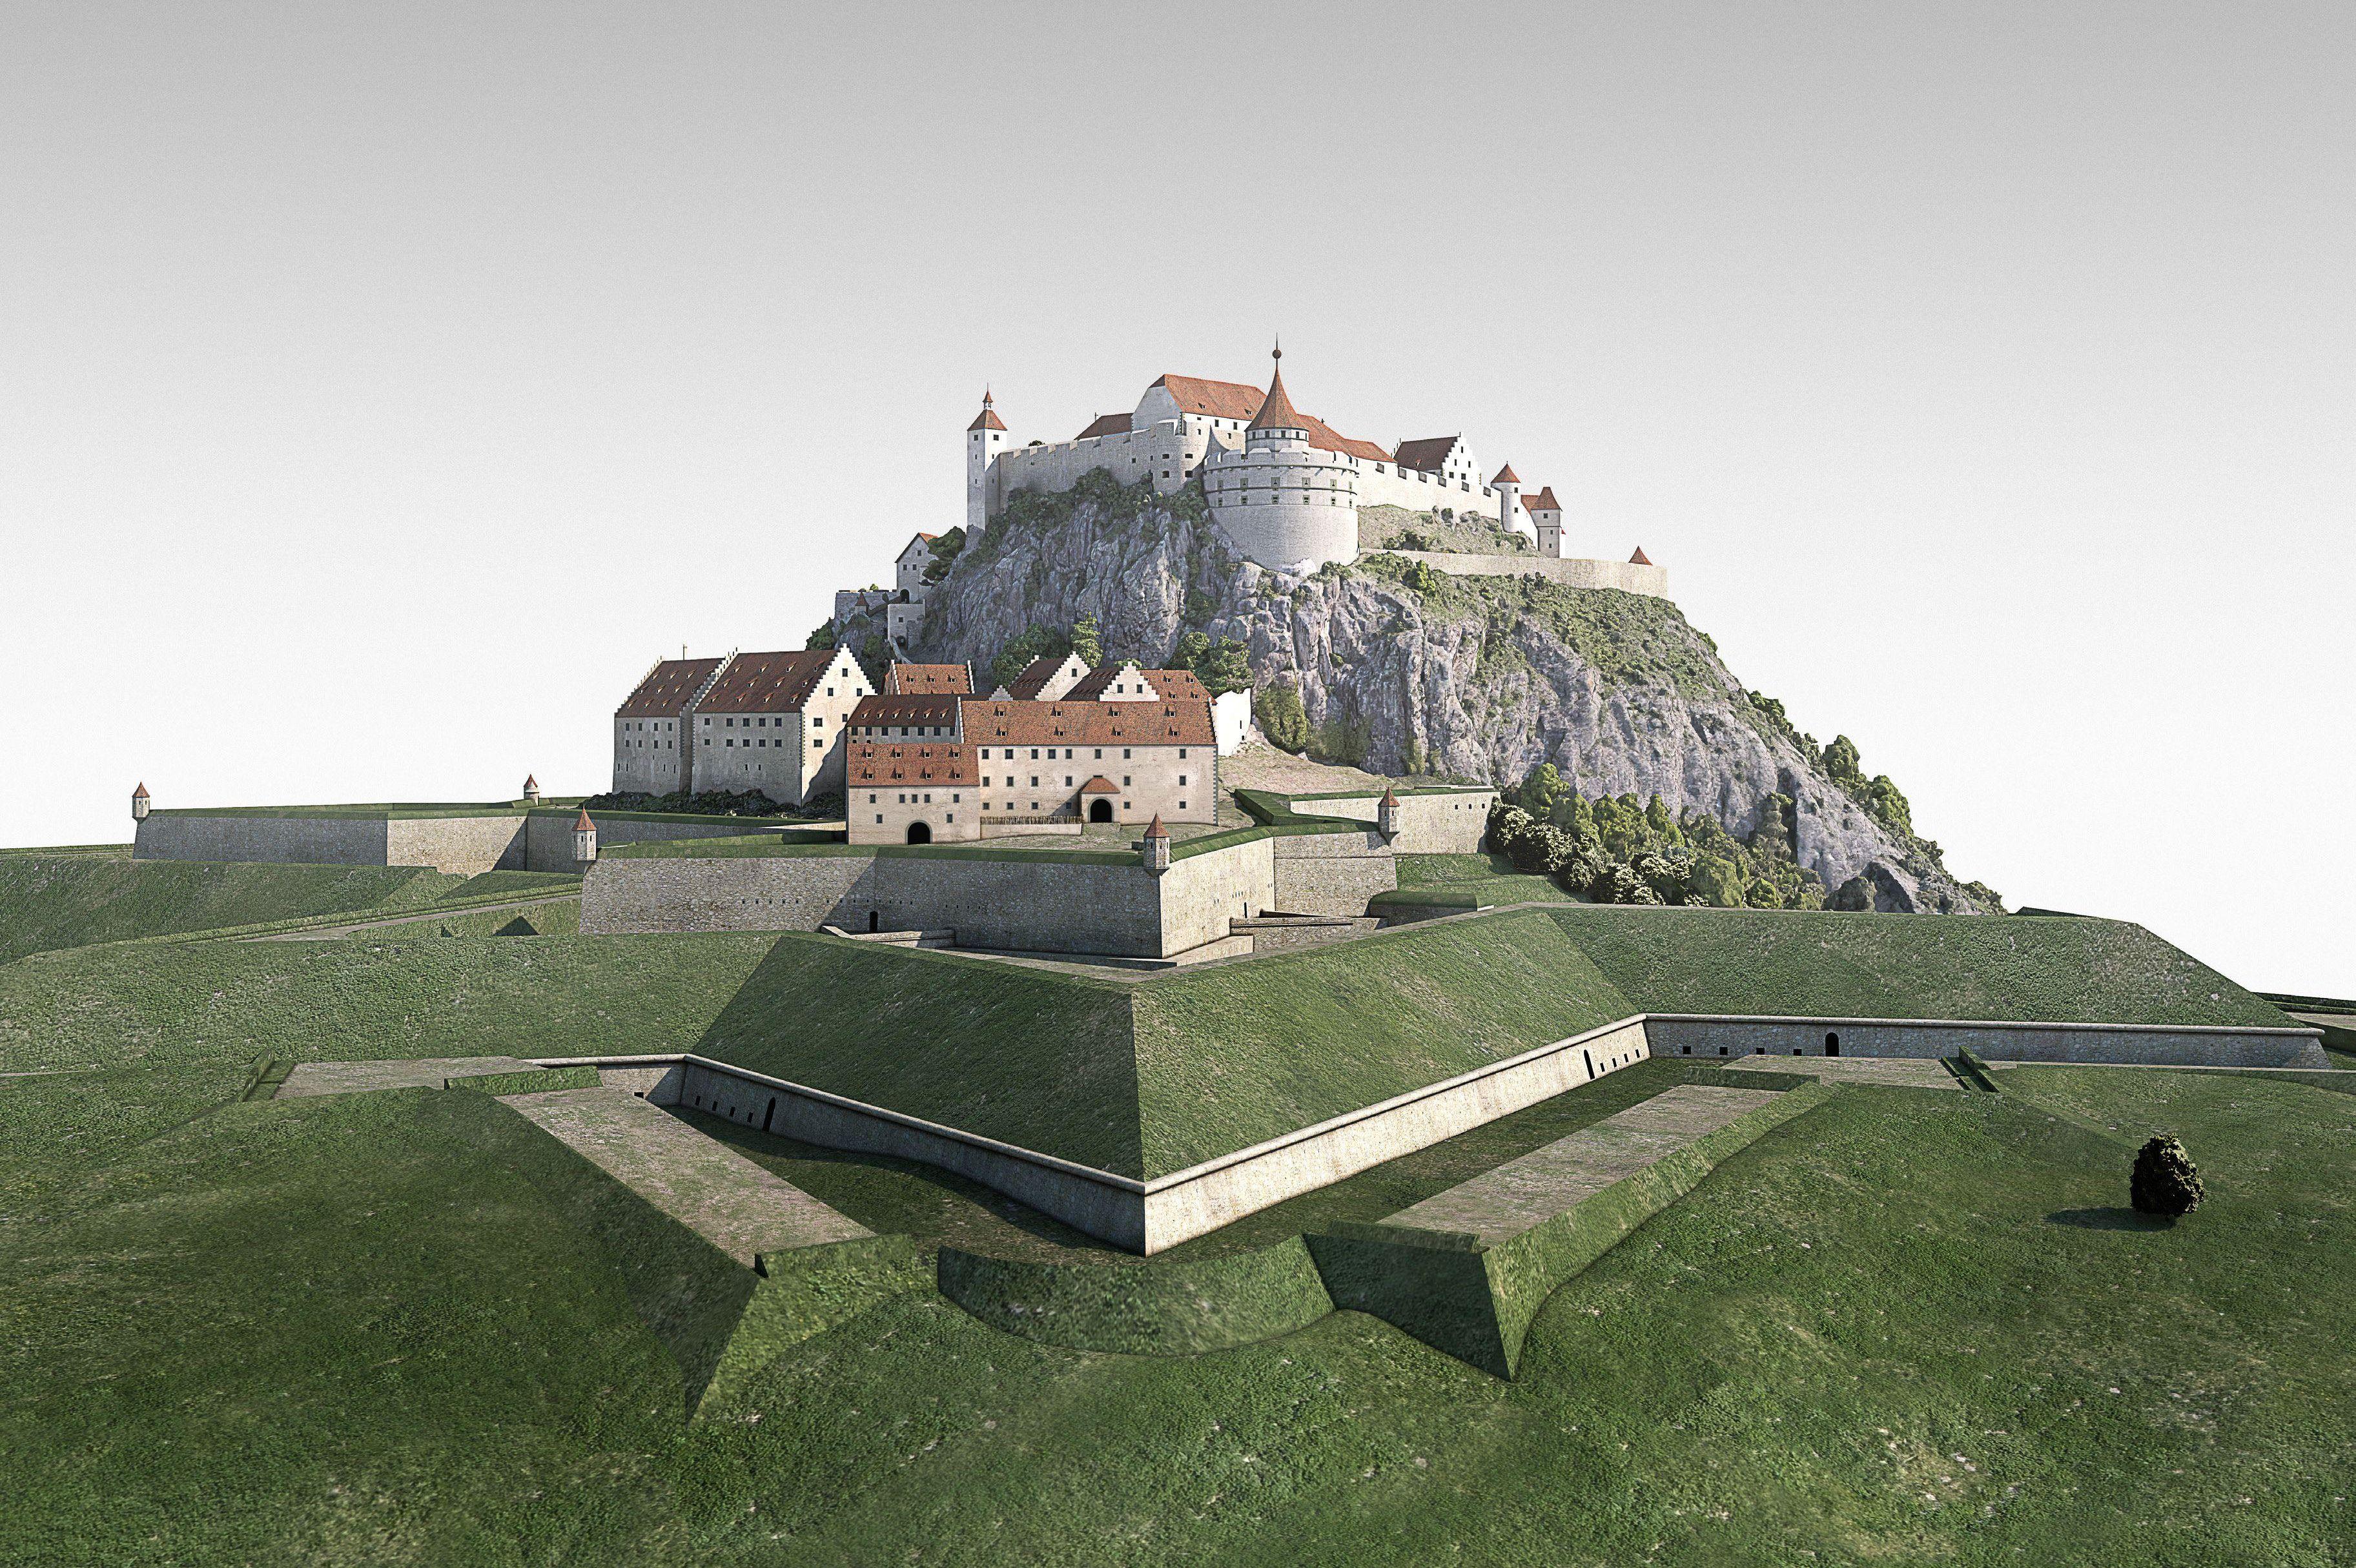 Digitales Gesamtmodell der Festungsruine Hohentwiel